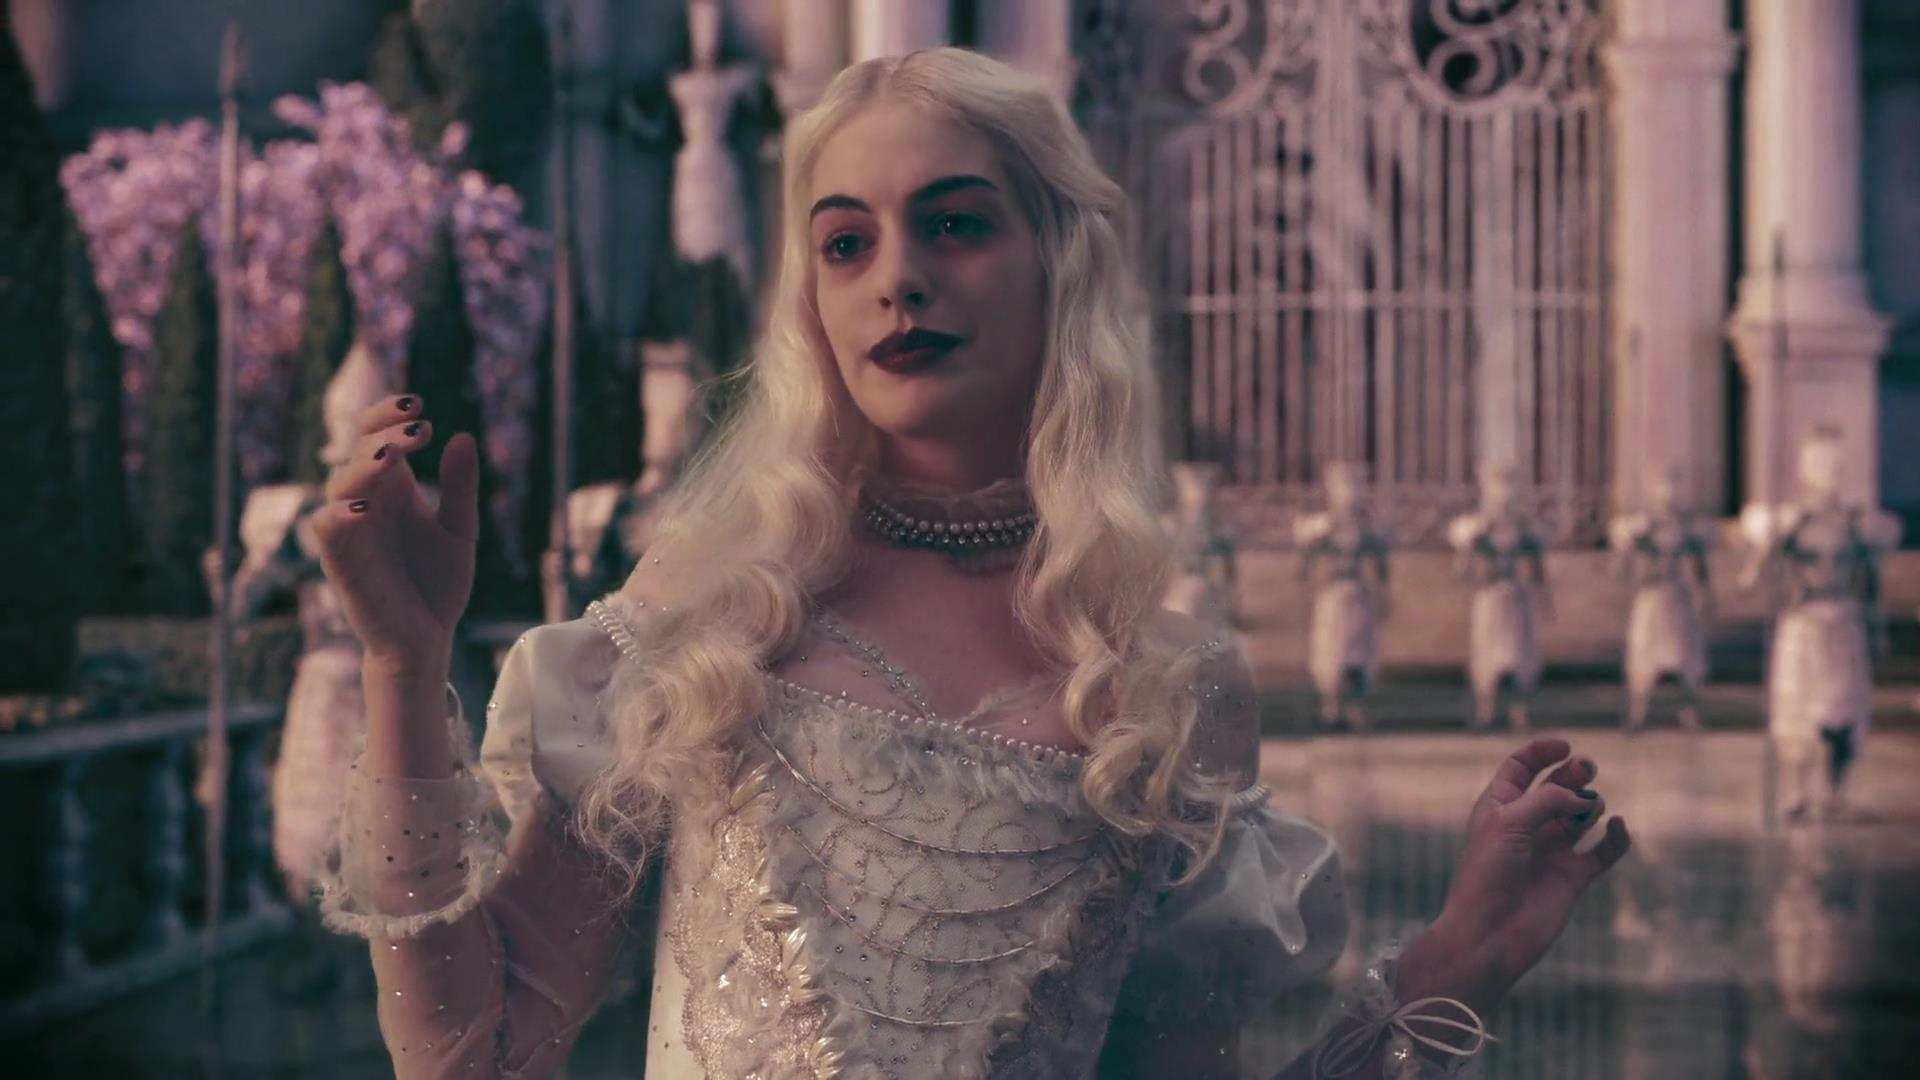 La reine blanche mirana personnage dans alice au pays for De l autre cote du miroir